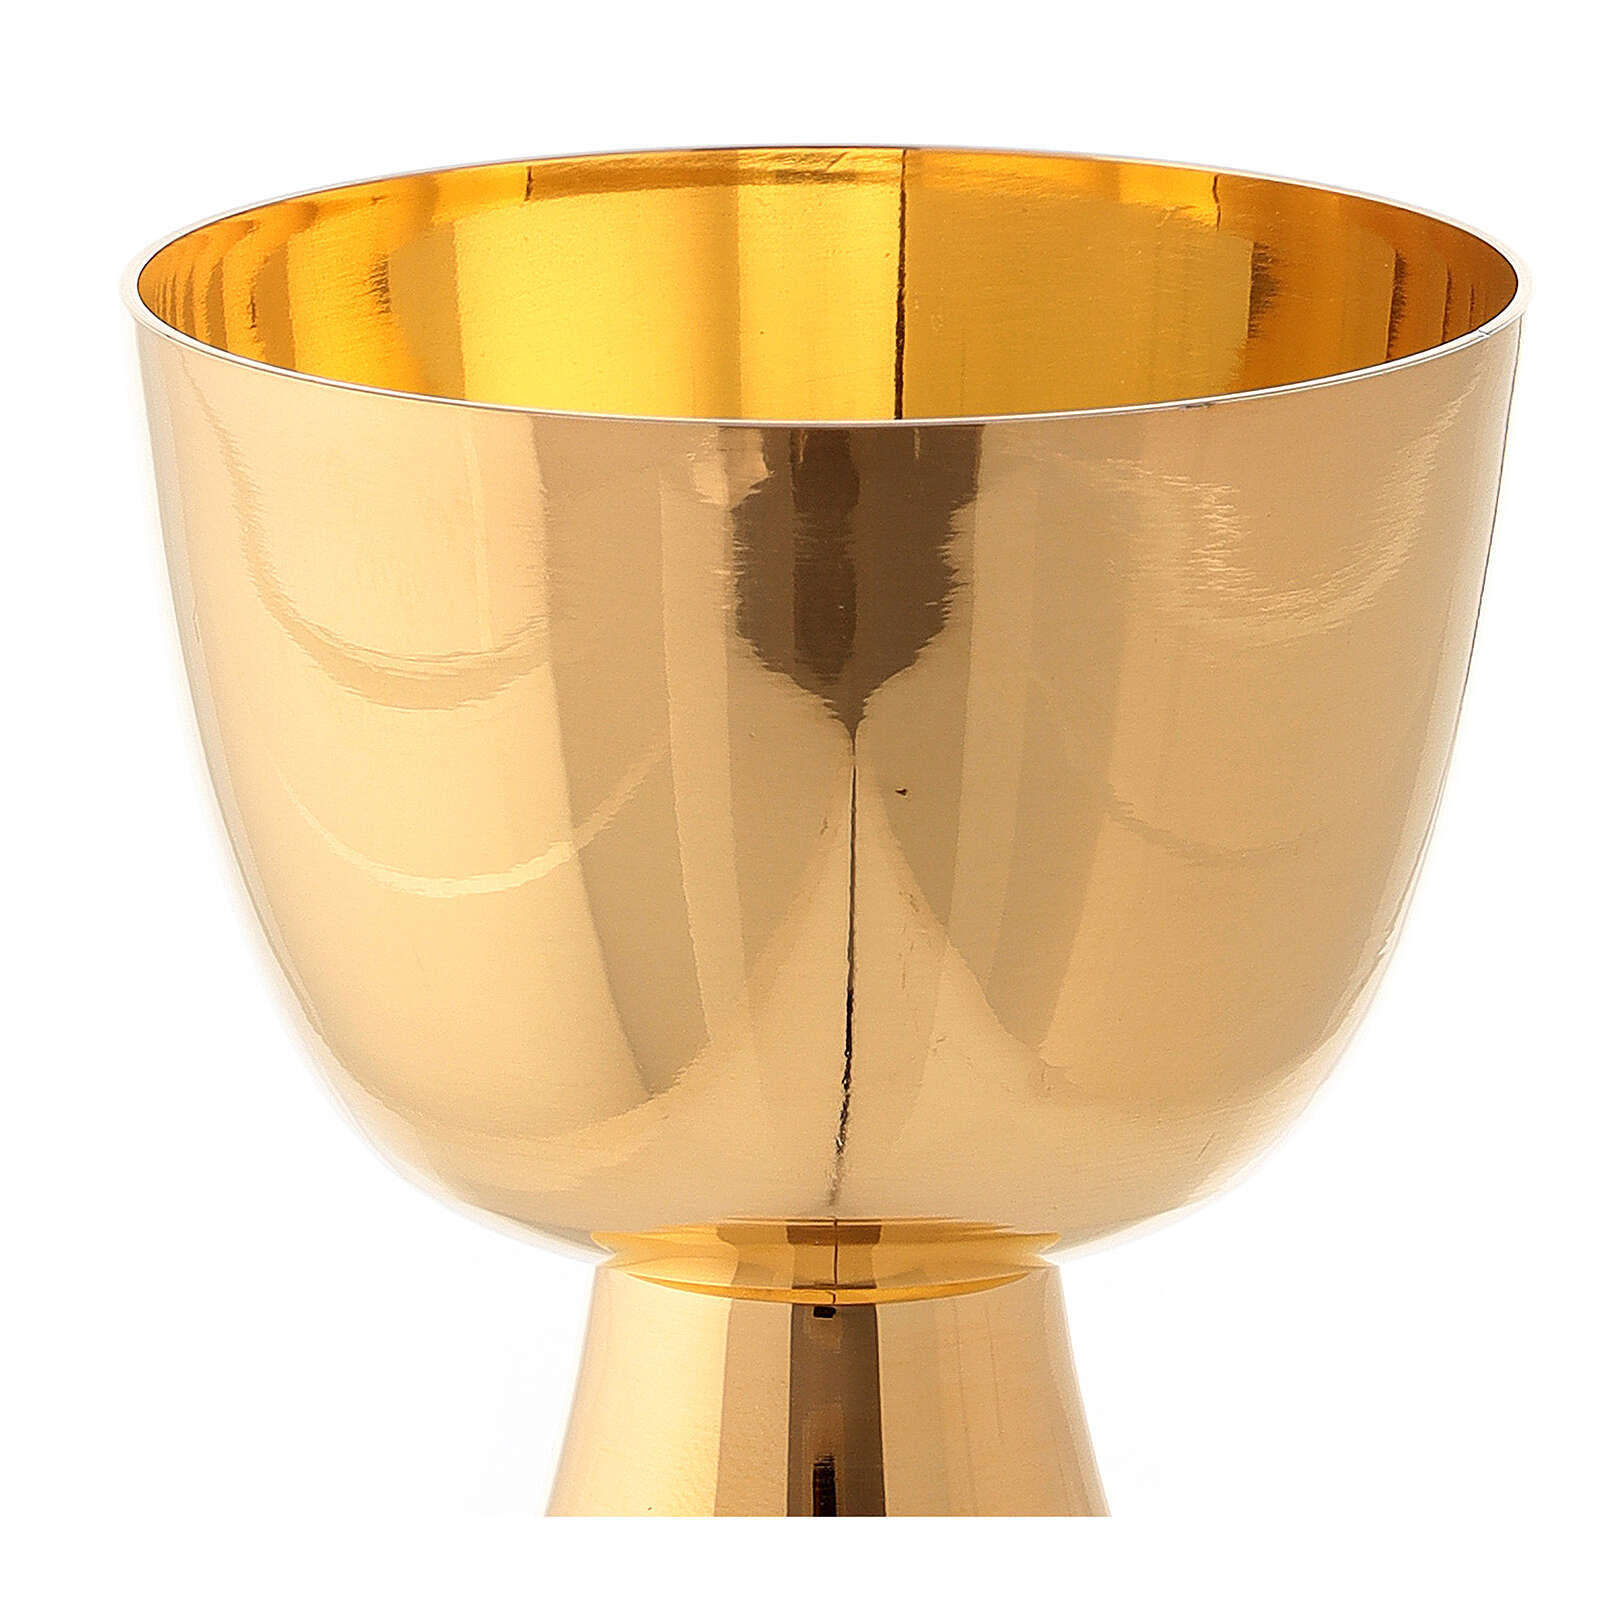 Calicino da viaggio in ottone dorato lucido altezza 7 cm 4